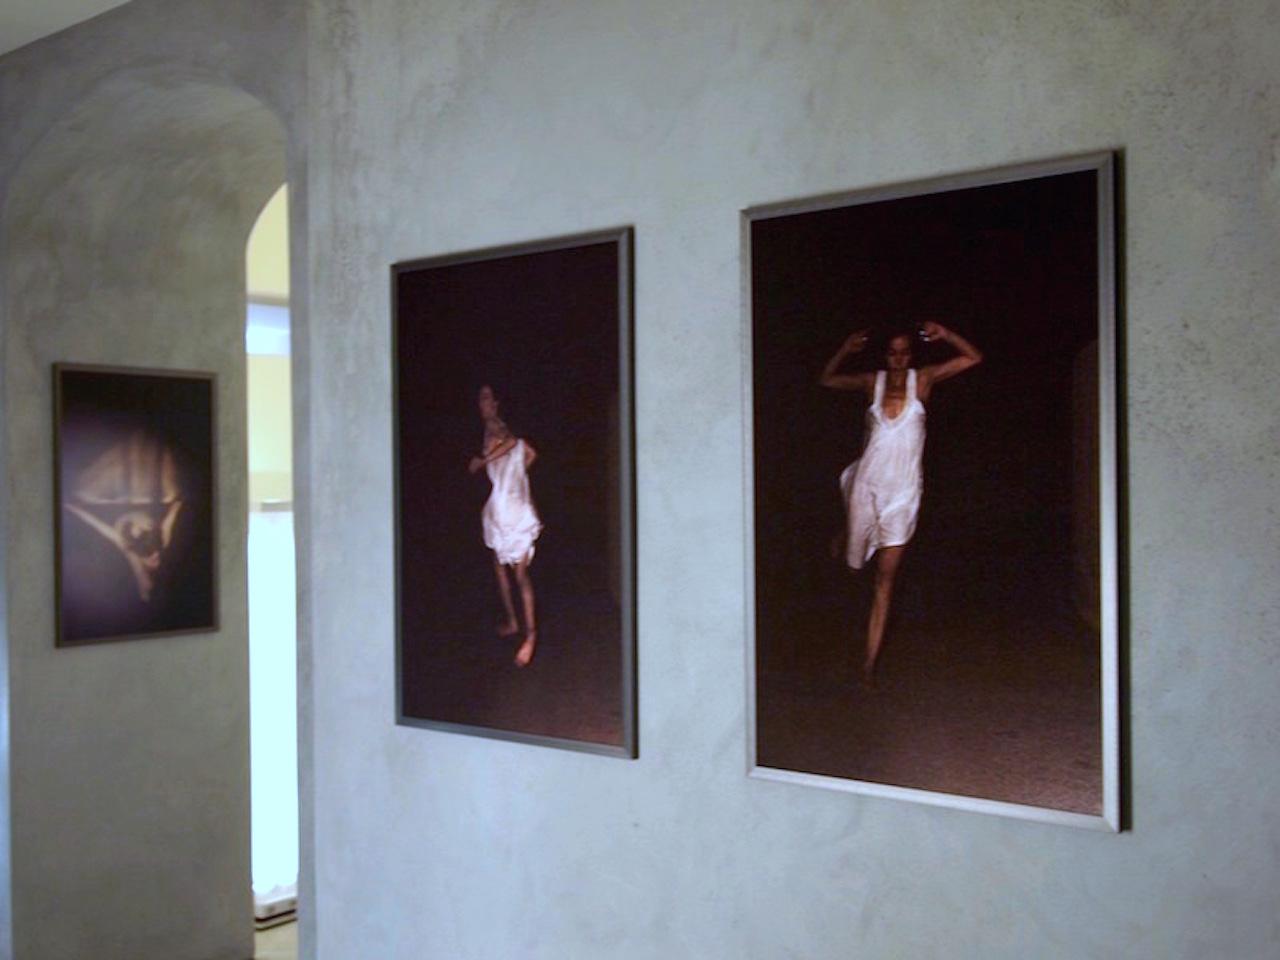 Tout simple sans accoudoir-Pascale Lafay,objets photographiquesMontreux-Switzerland10-2009:10.JPG